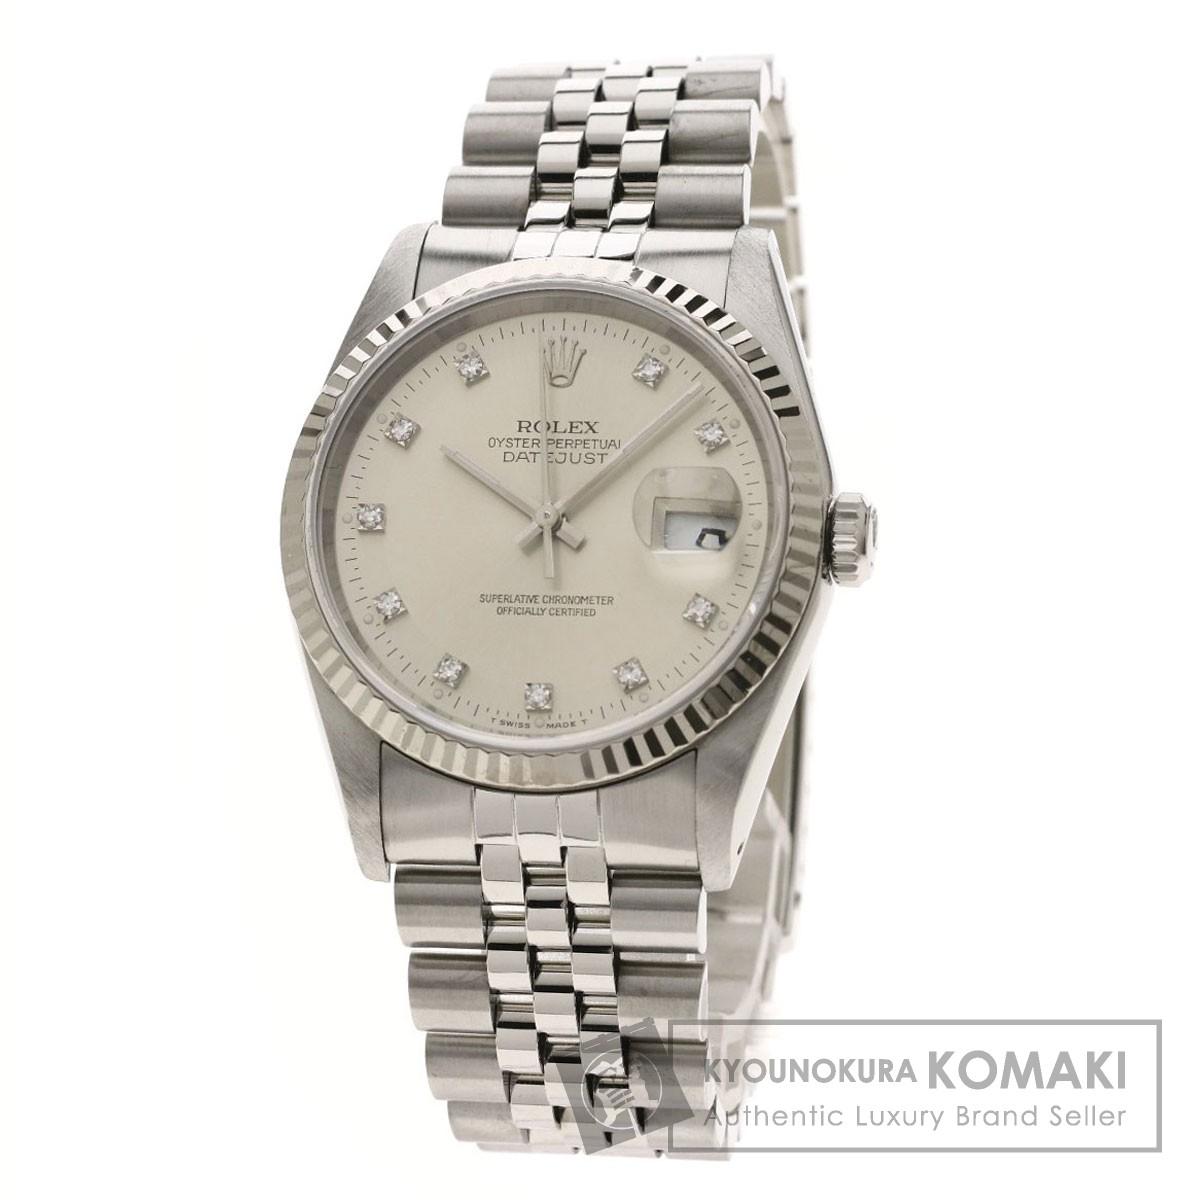 ロレックス 16234G デイトジャスト 10Pダイヤモンド 腕時計 ステンレススチール/SS/K18WG メンズ 【中古】【ROLEX】